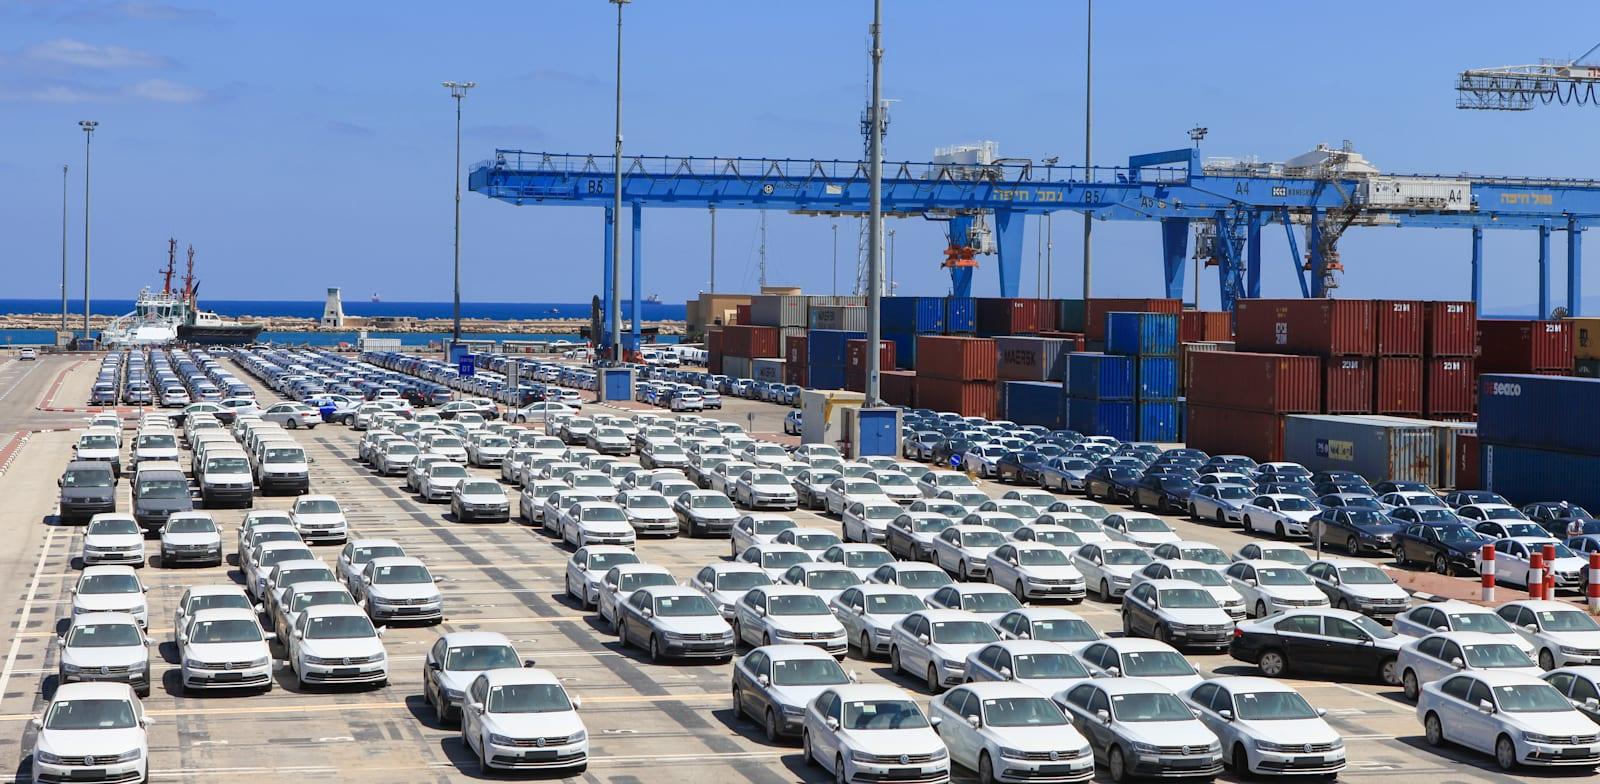 מכוניות בנמל חיפה / צילום: Shutterstock